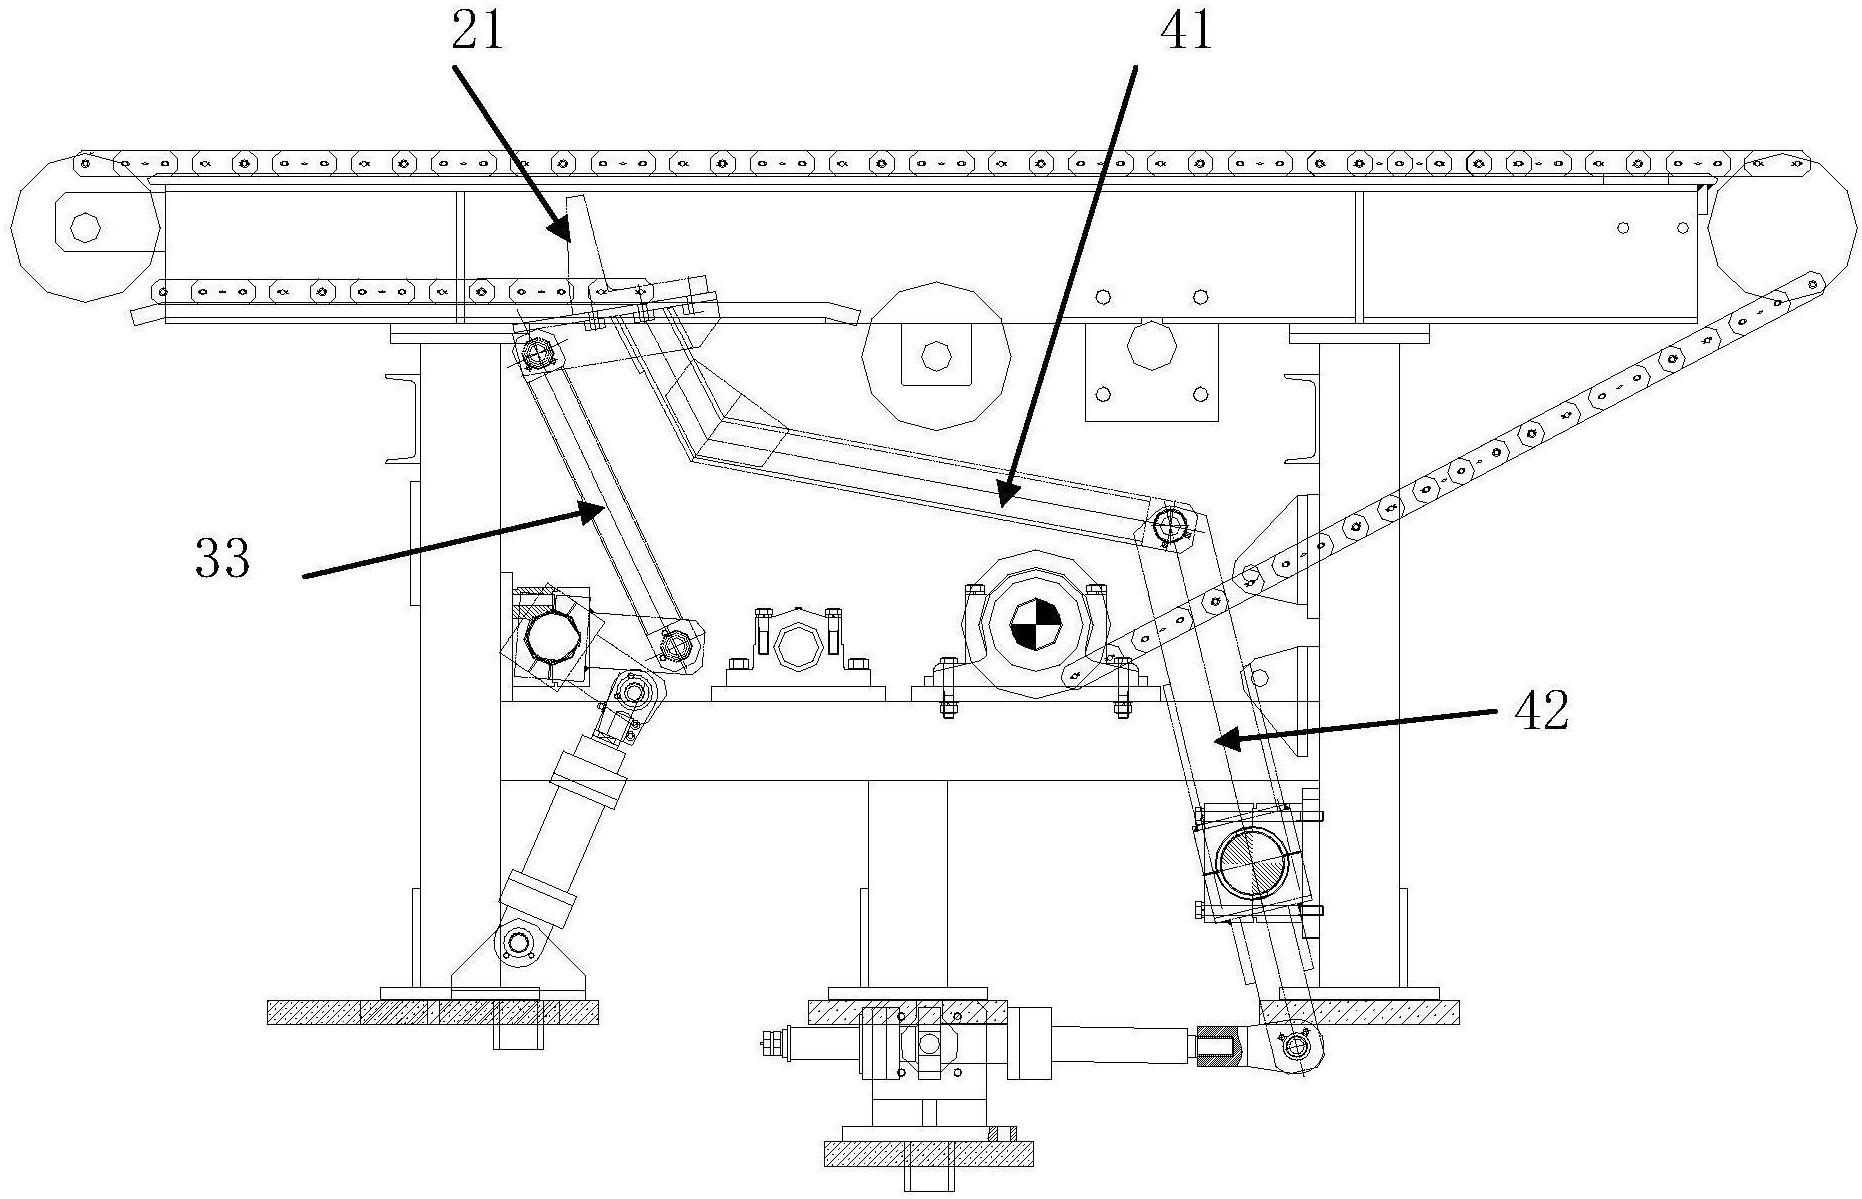 全自动码垛系统及工艺-附图14